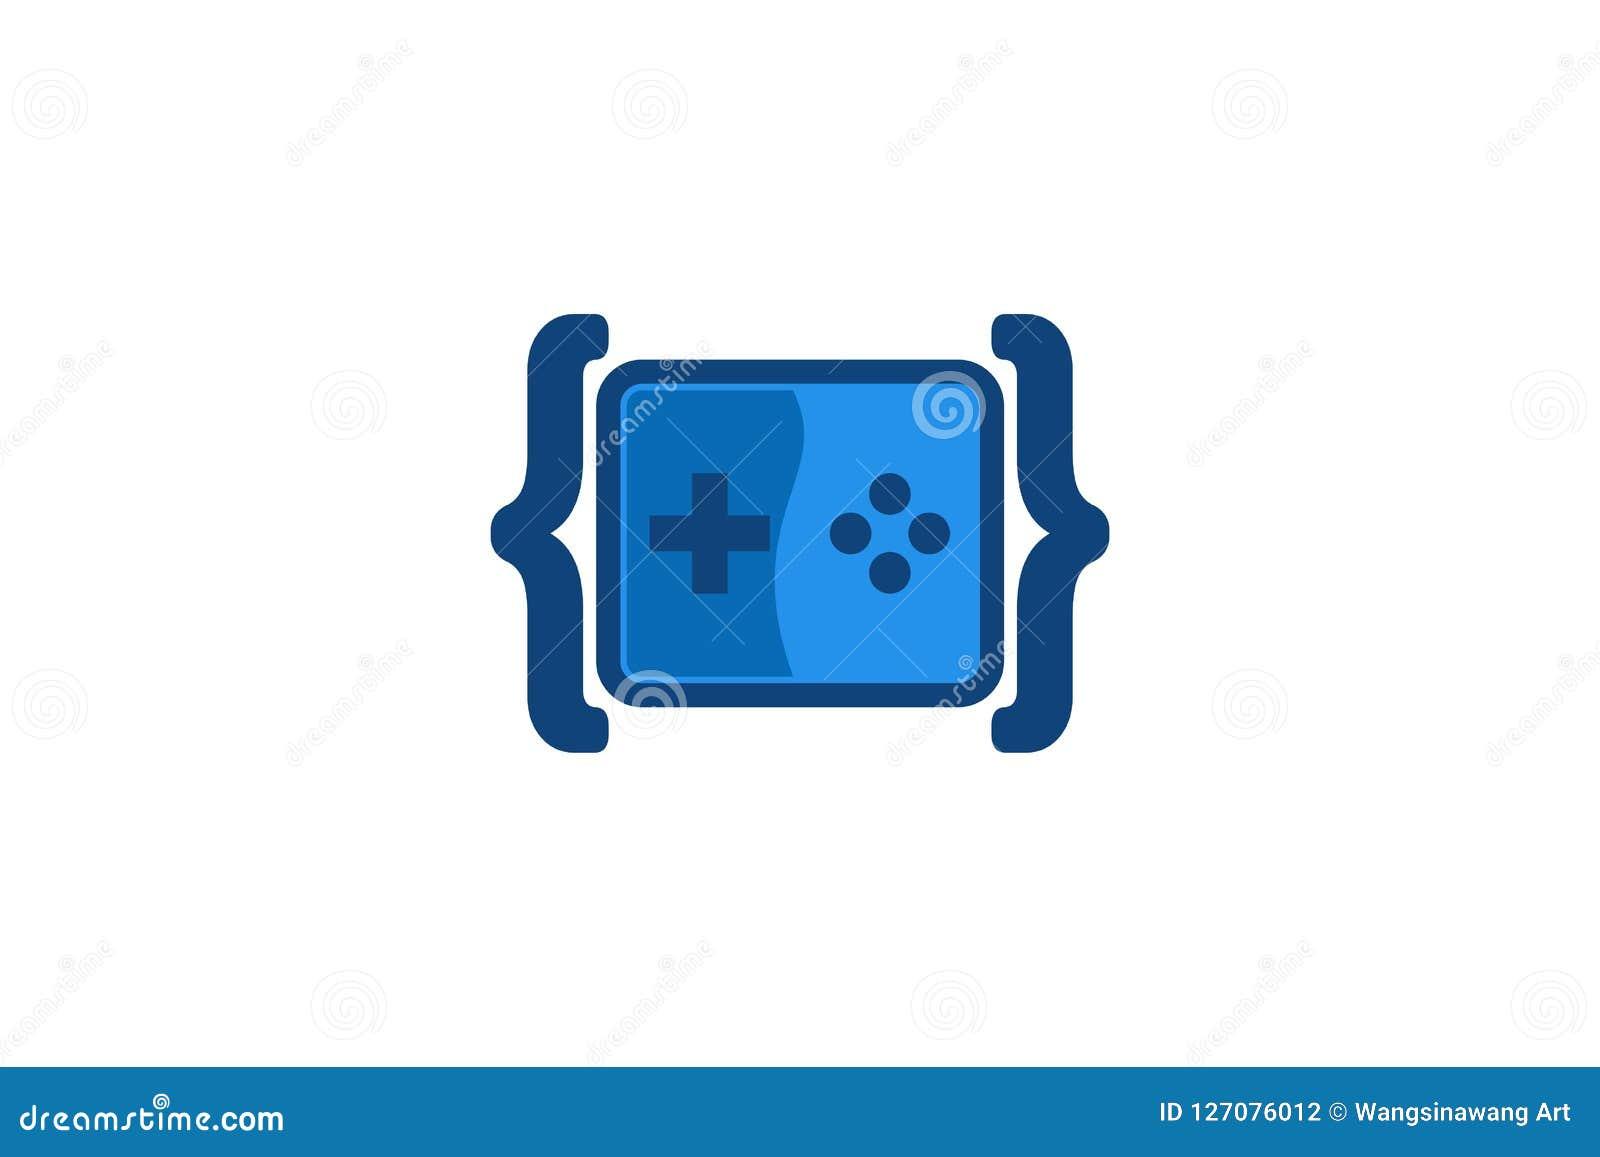 Codespel Logo Designs Inspiration, Vectorillustratie